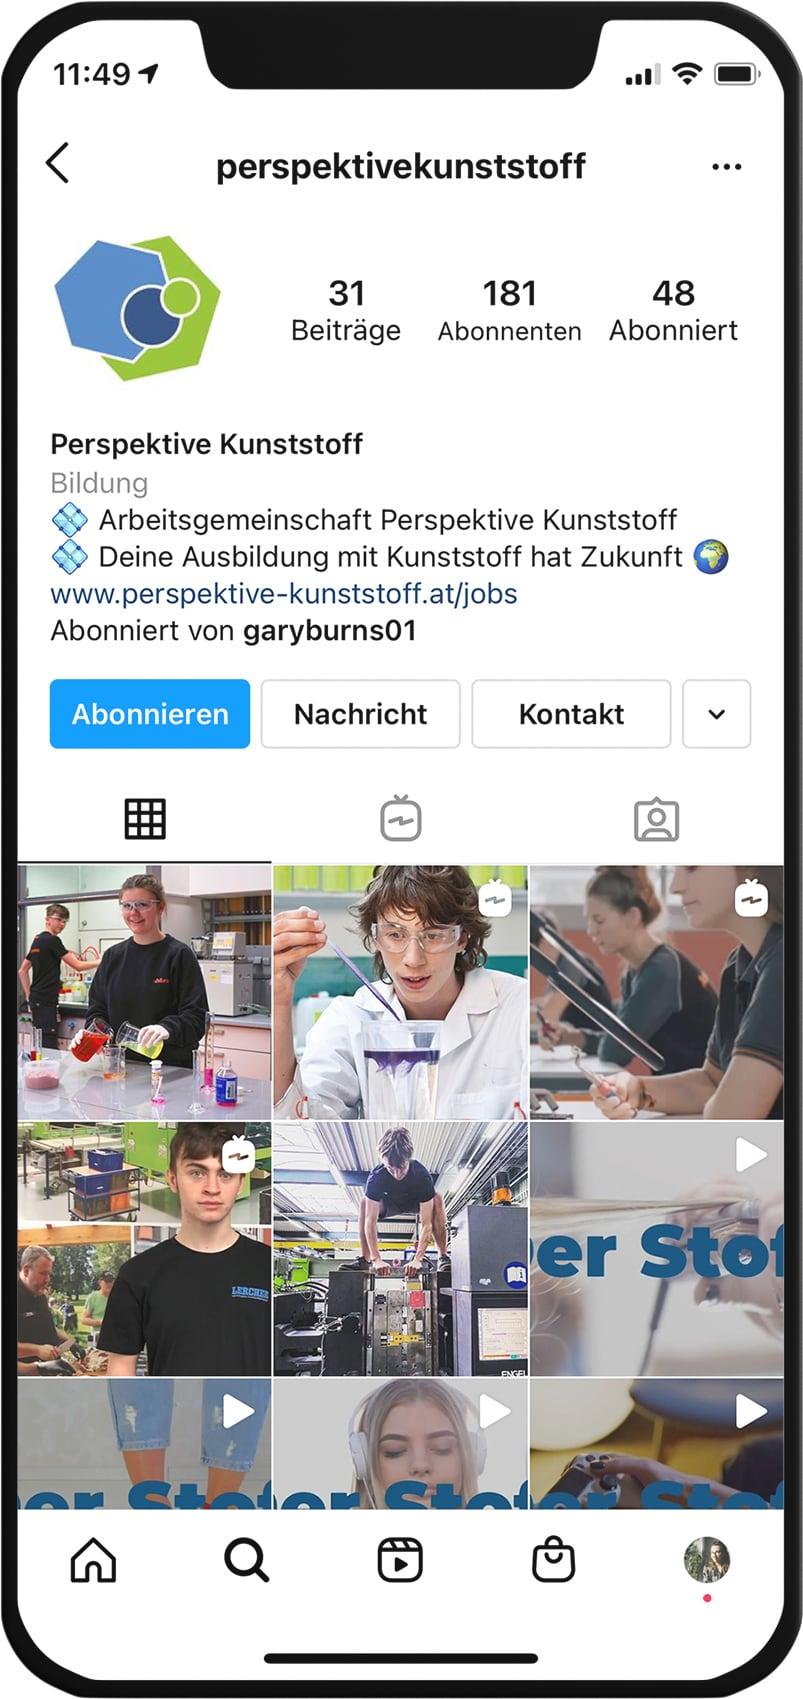 Instagram Feed Perspektive Kunststoff